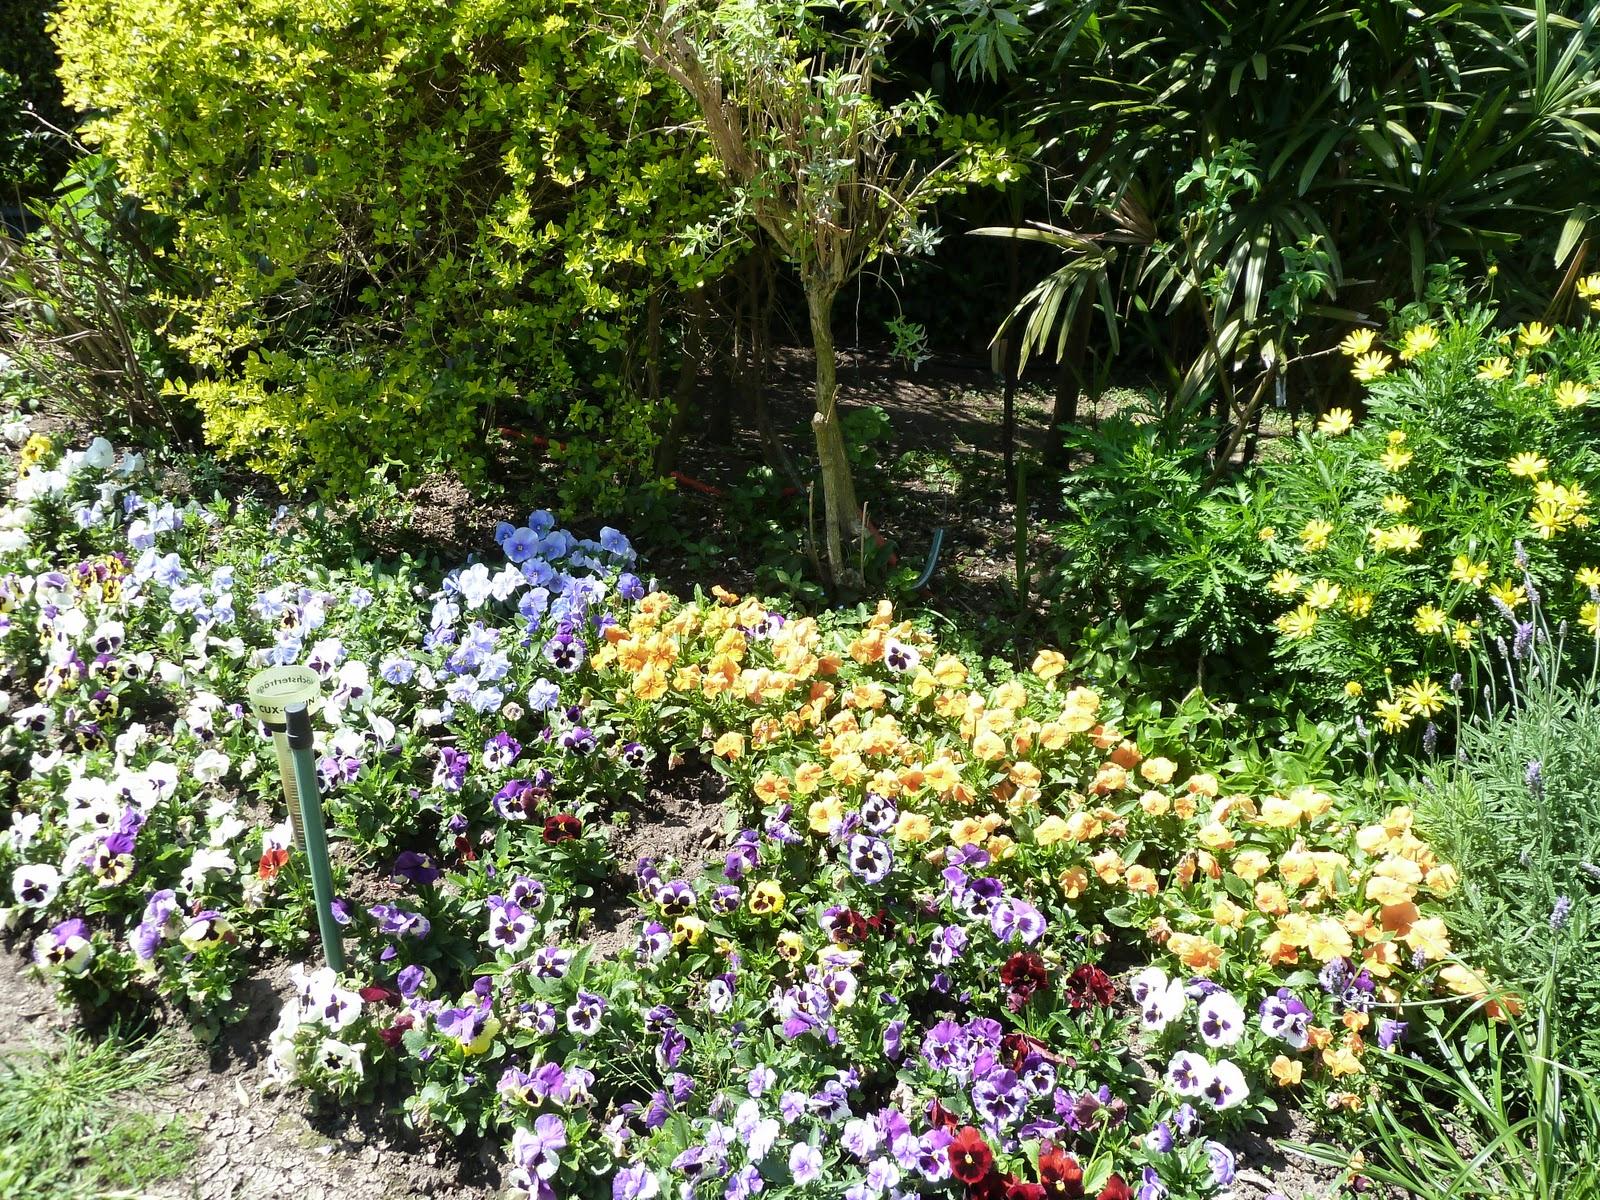 Los invito a pasear por mi jard n arriate cantero for Arriate jardin